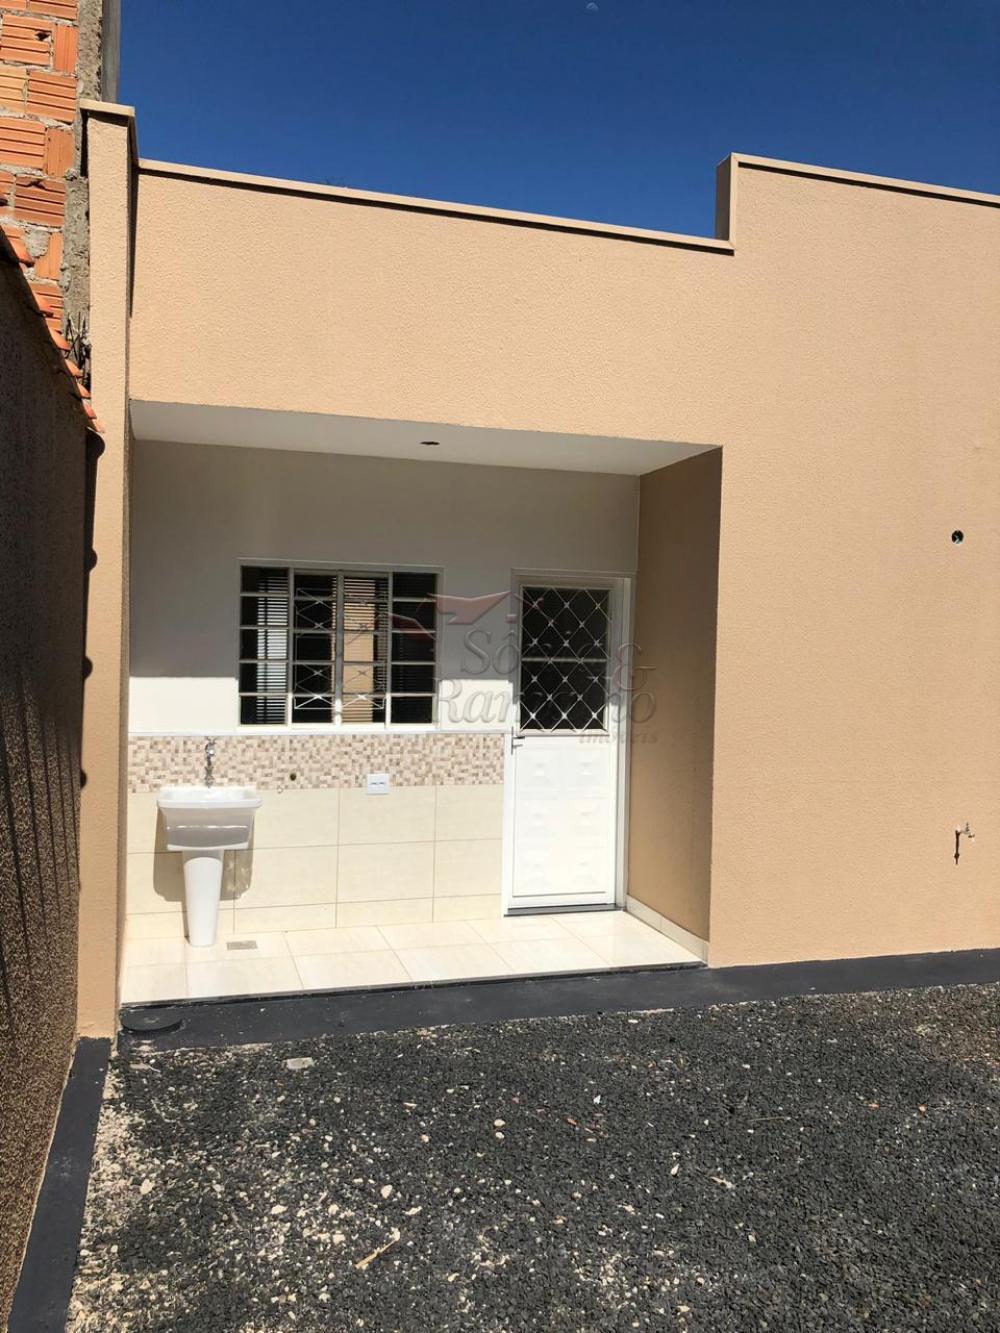 Comprar Casas / Padrão em Ribeirão Preto apenas R$ 175.000,00 - Foto 2